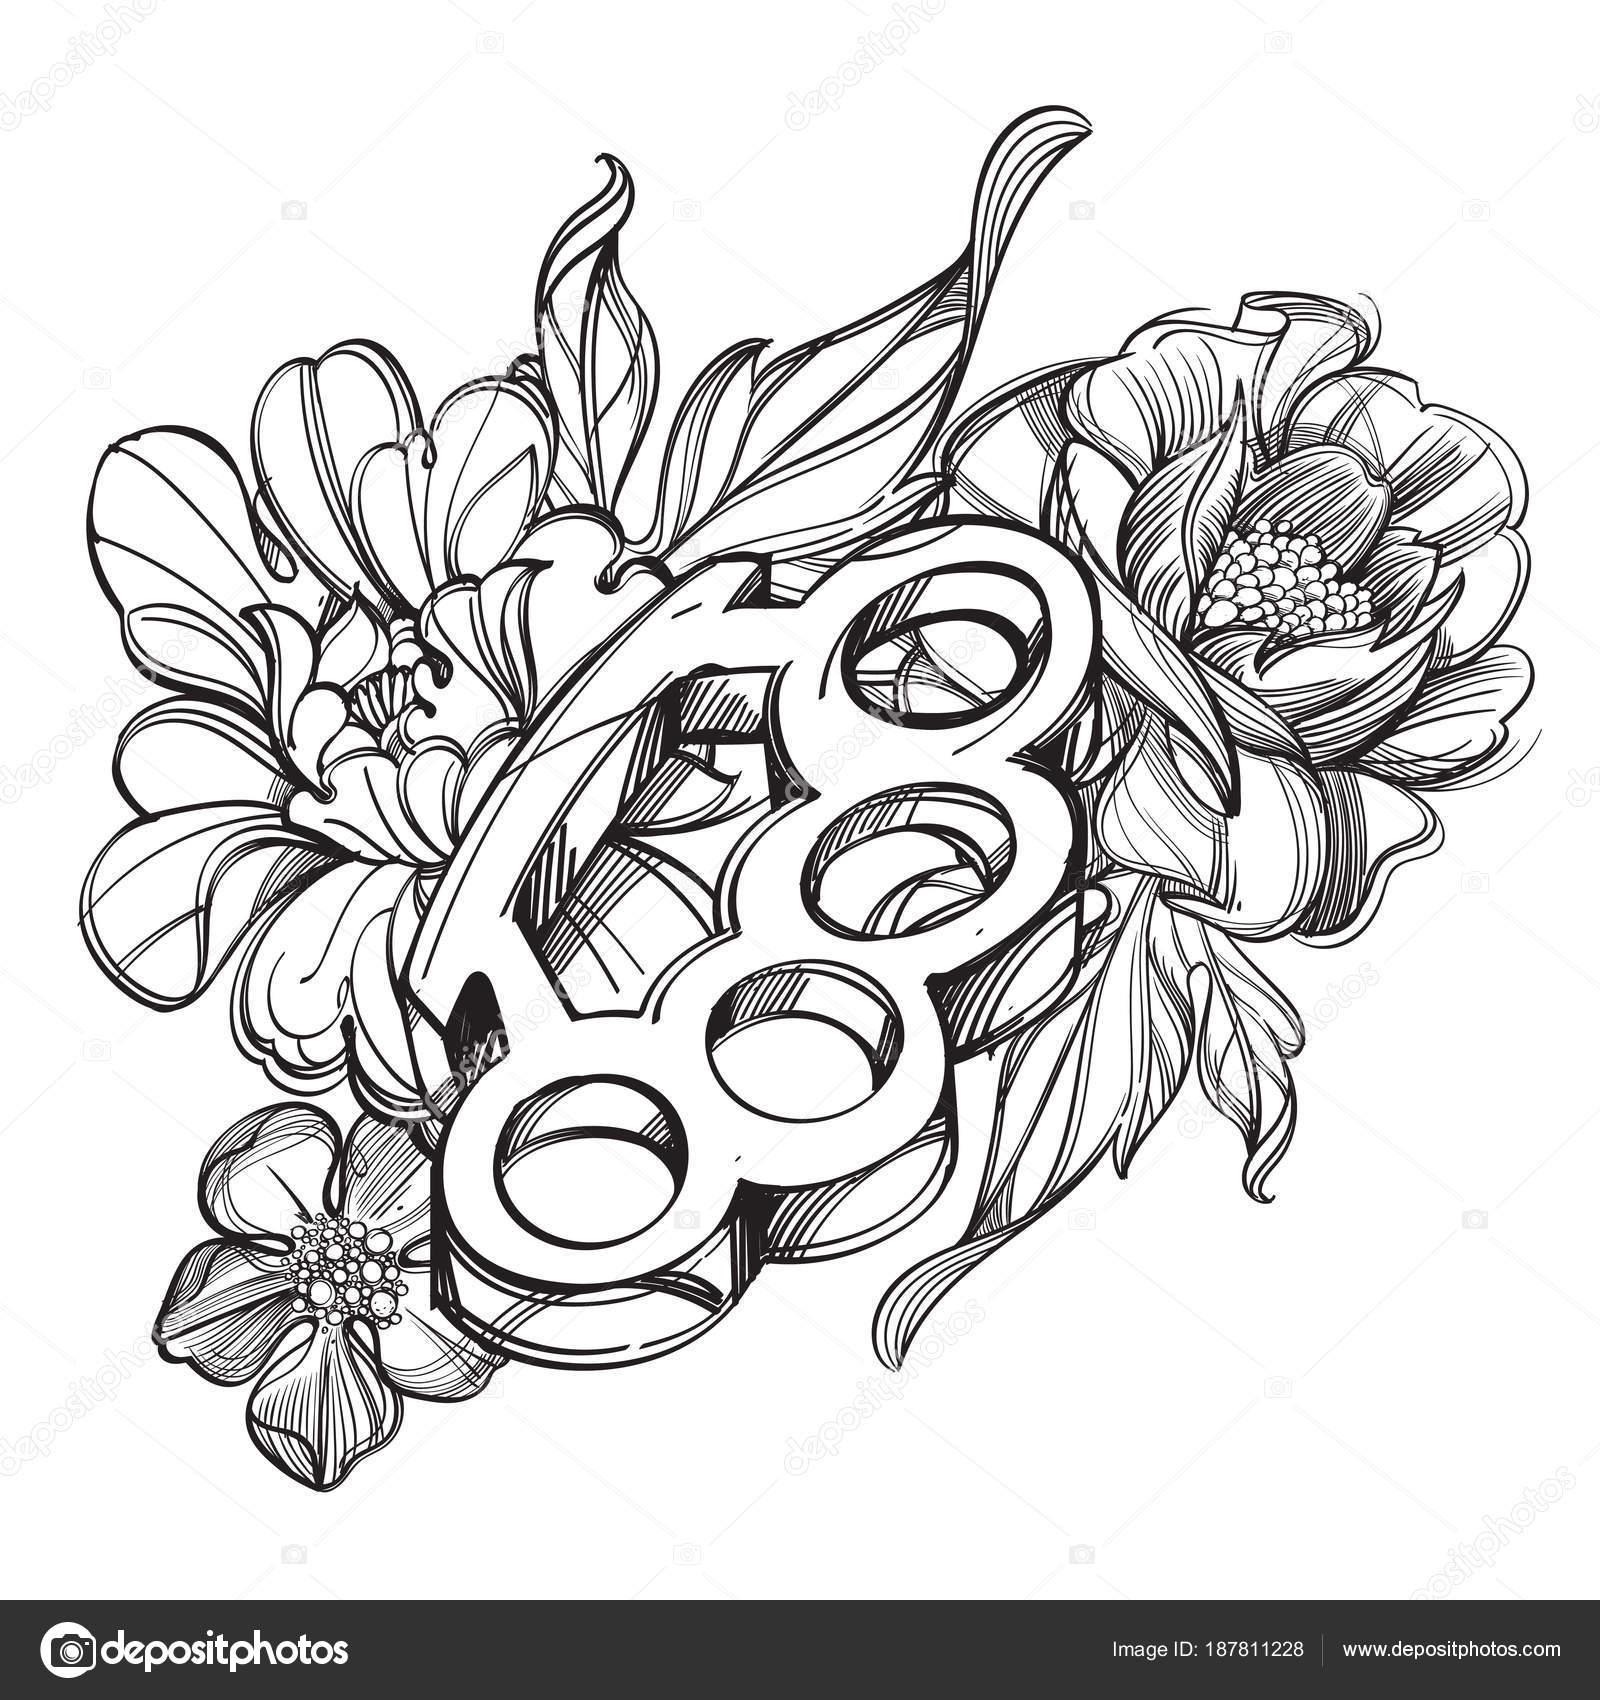 Dibujos Dibujo De Rosas Para Tatuar Nudillos Latón Cinta Bandera